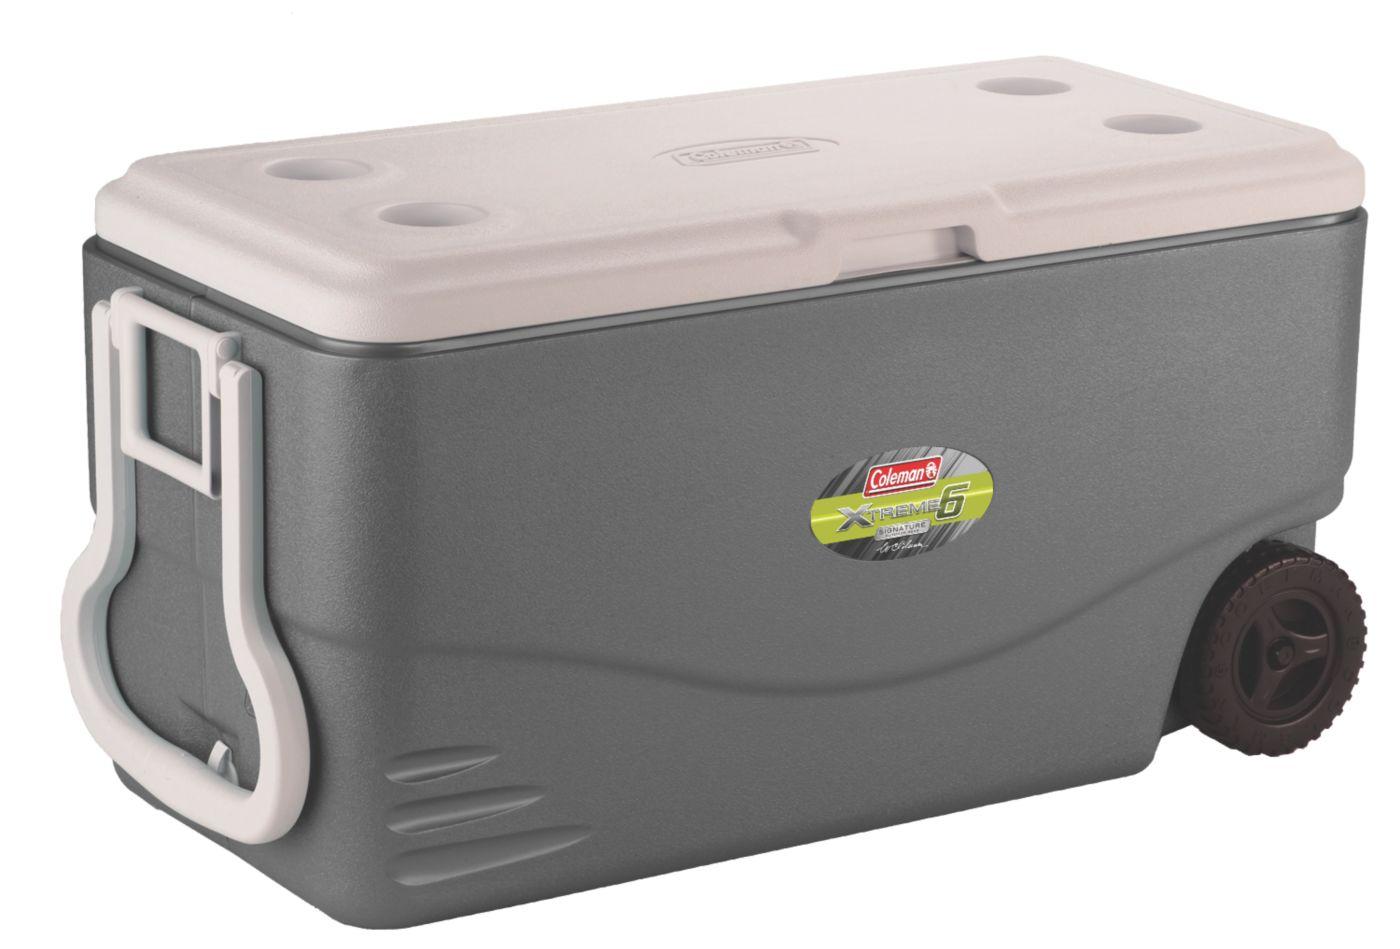 82 quart ultimate xtreme 6 wheeled cooler